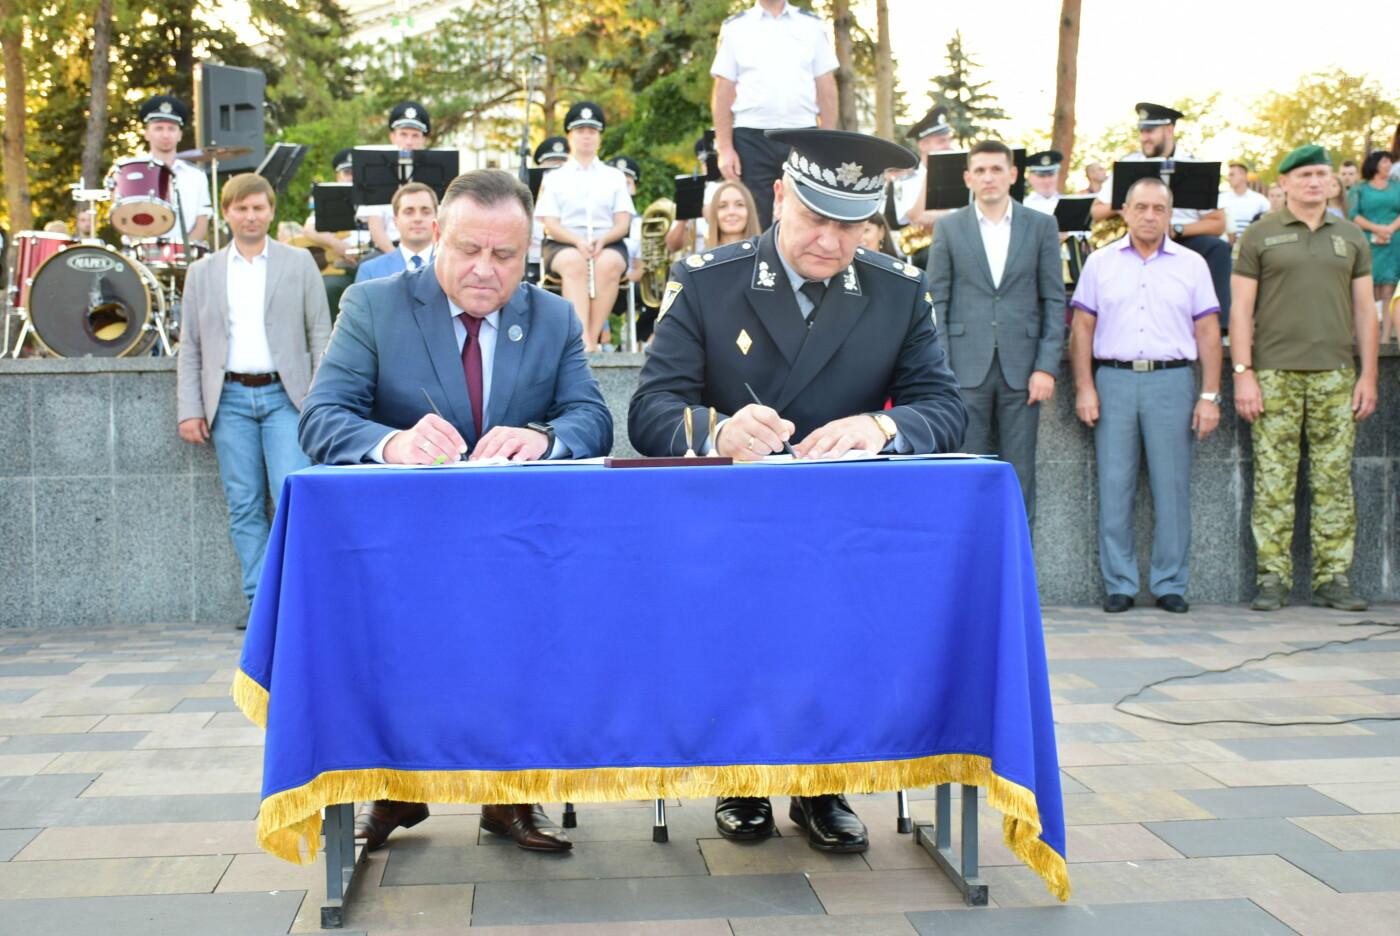 У Донецькому юридичному інституті МВС України відбулися урочисті заходи, присвячені складанню клятви курсанта та студента, фото-15